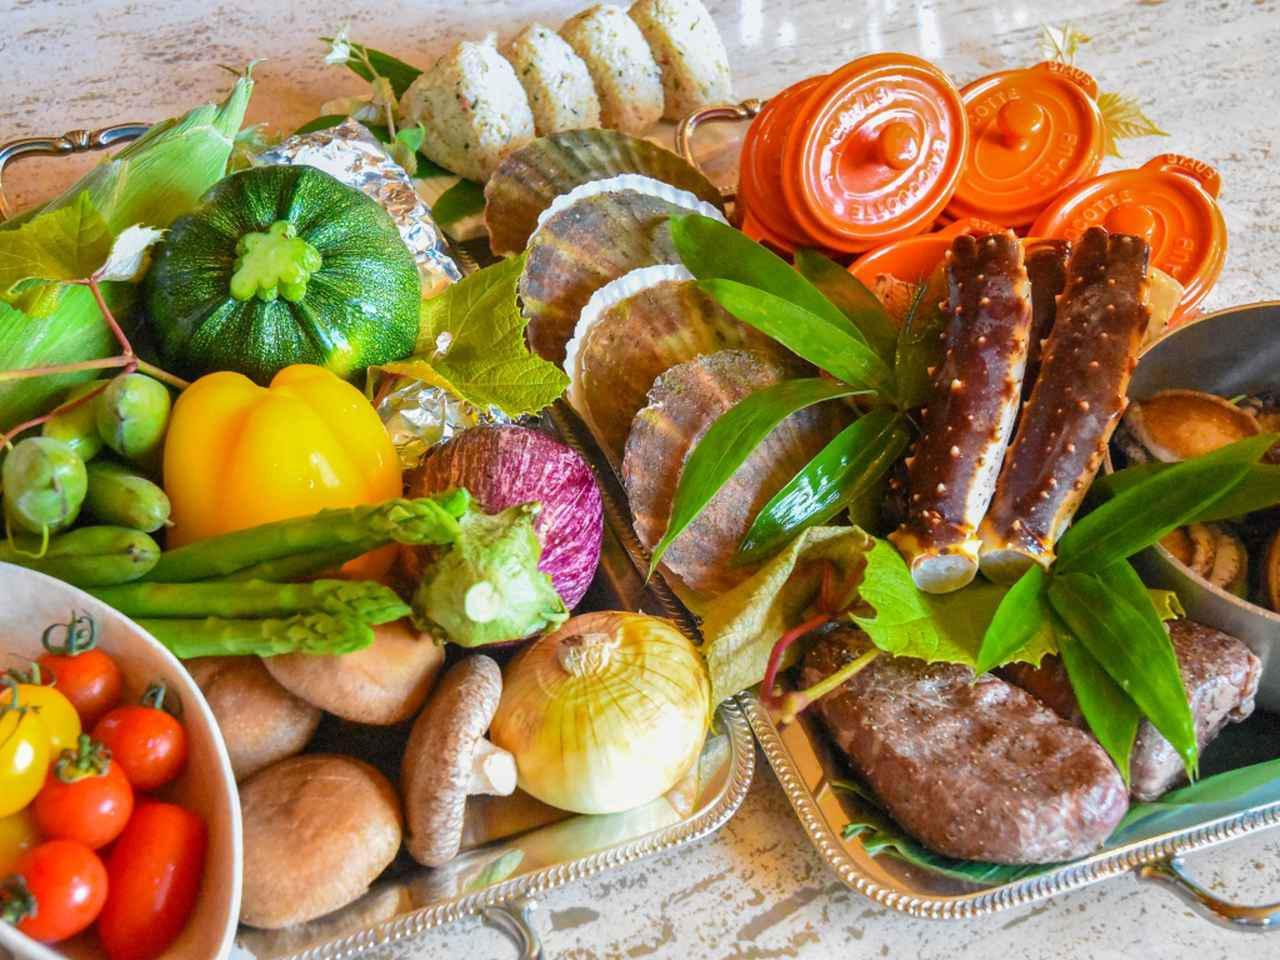 画像: 道産和牛や蝦夷アワビ、タラバガニなど、 北海道ならではの豪華食材がずらり